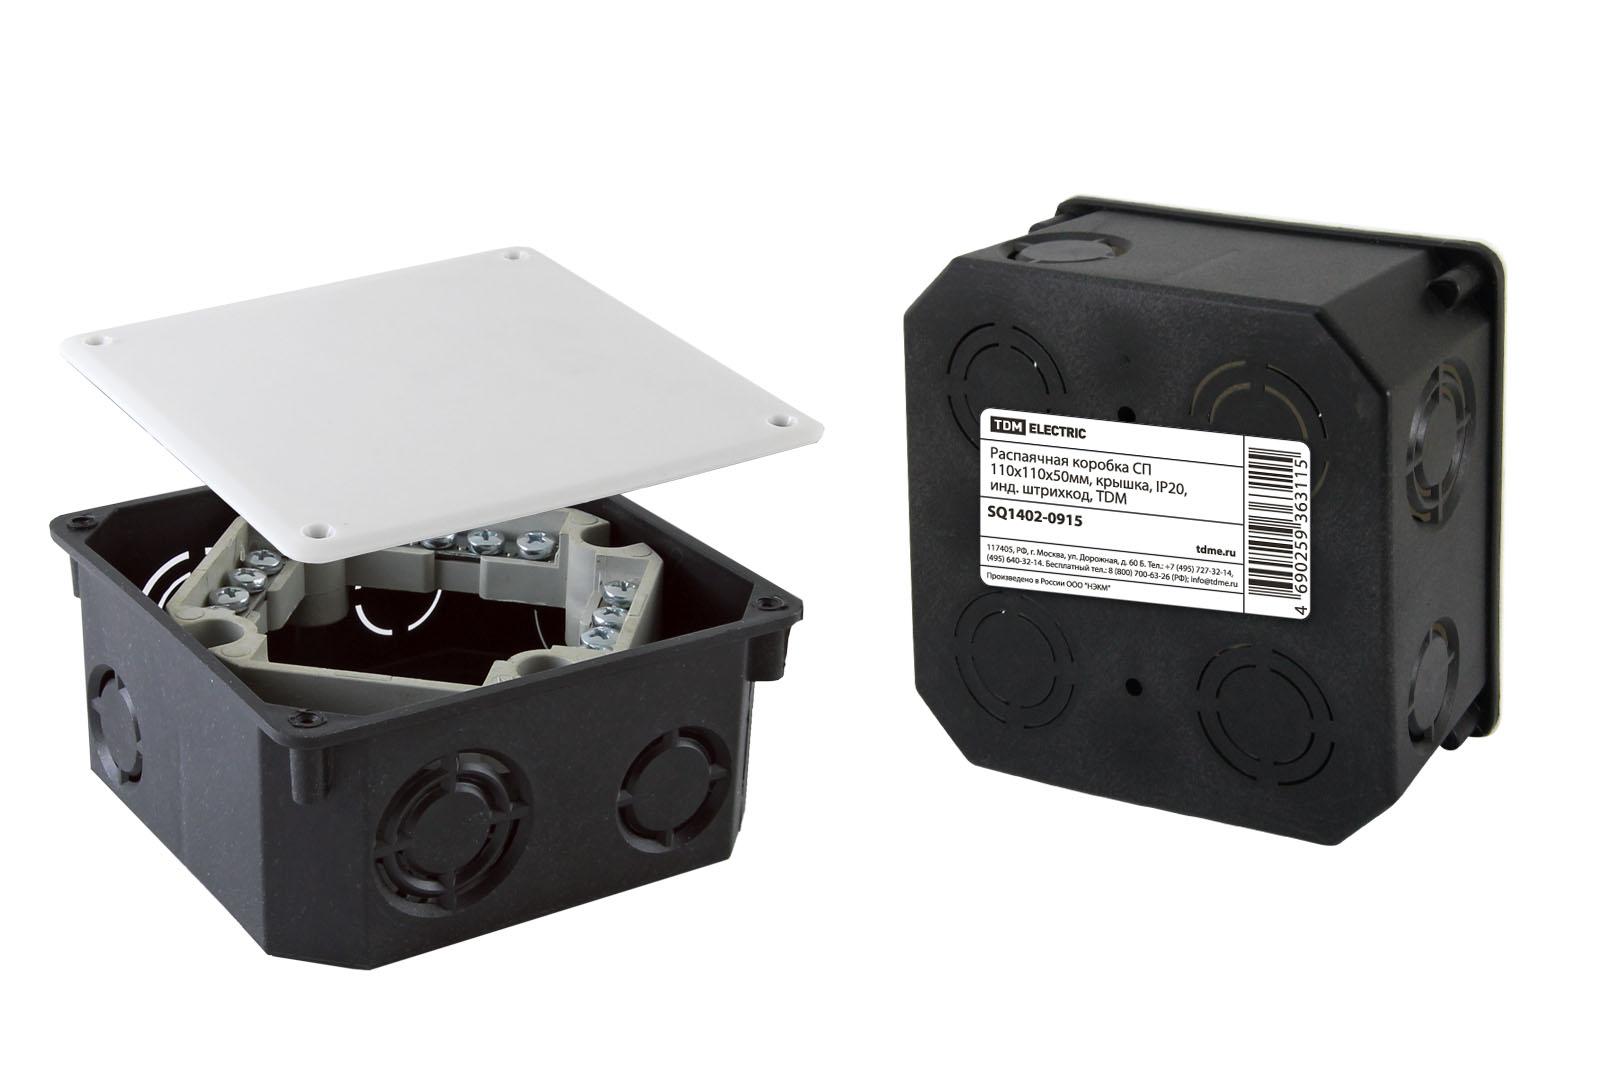 Фото Распаячная коробка СП 110х110х50мм, крышка, IP20, инд. штрихкод, TDM {SQ1402-0915}